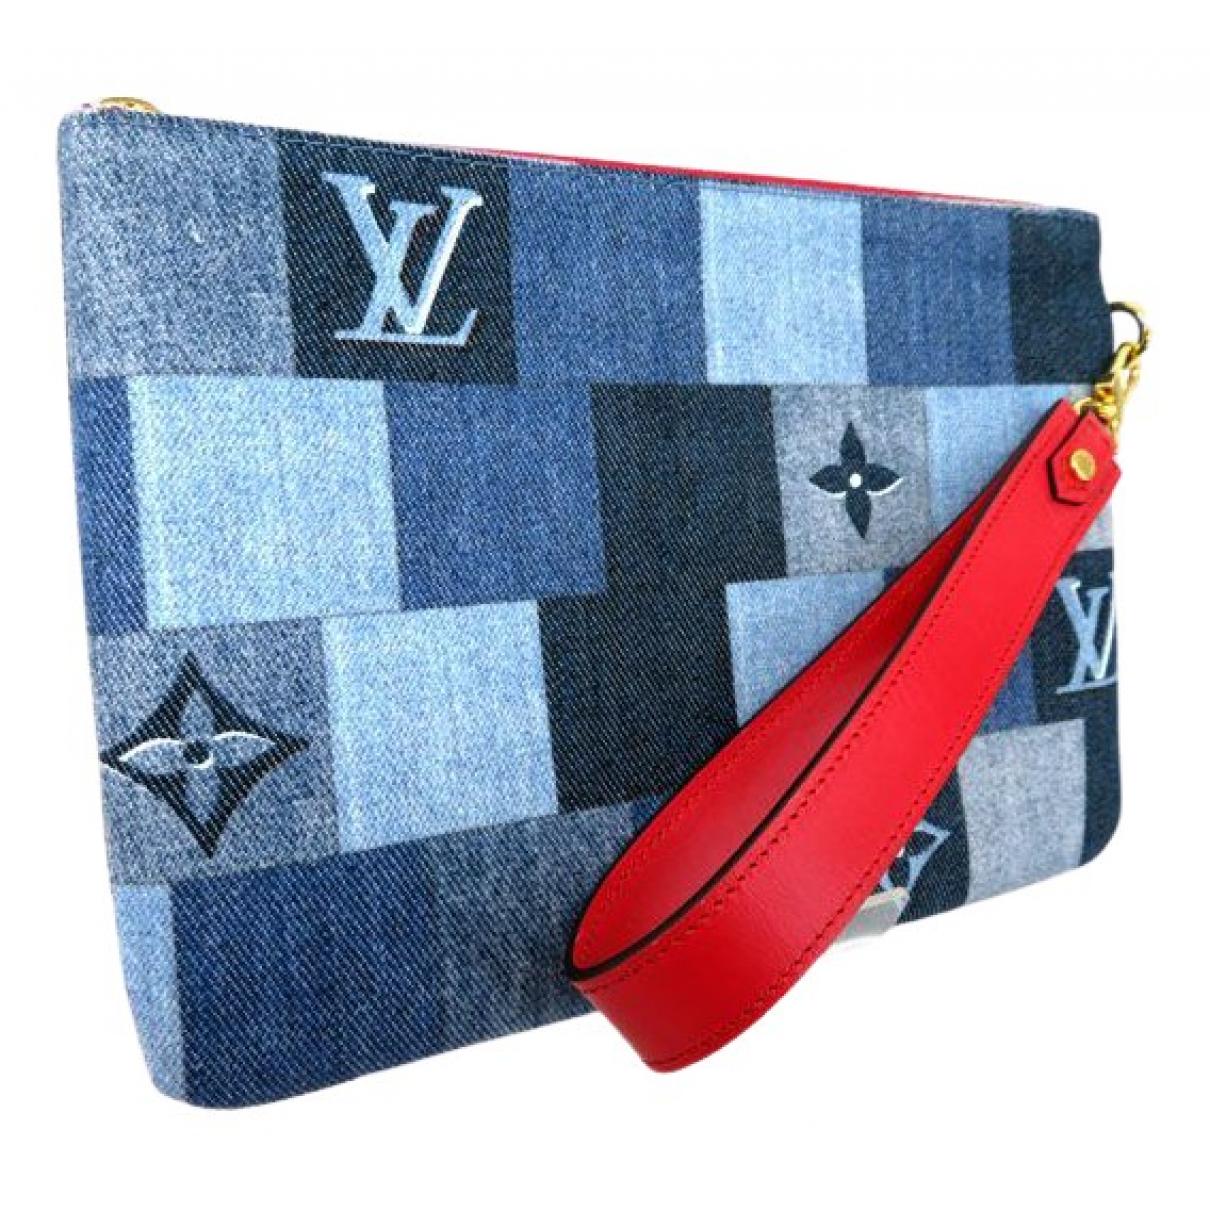 Louis Vuitton \N Clutch in  Blau Denim - Jeans